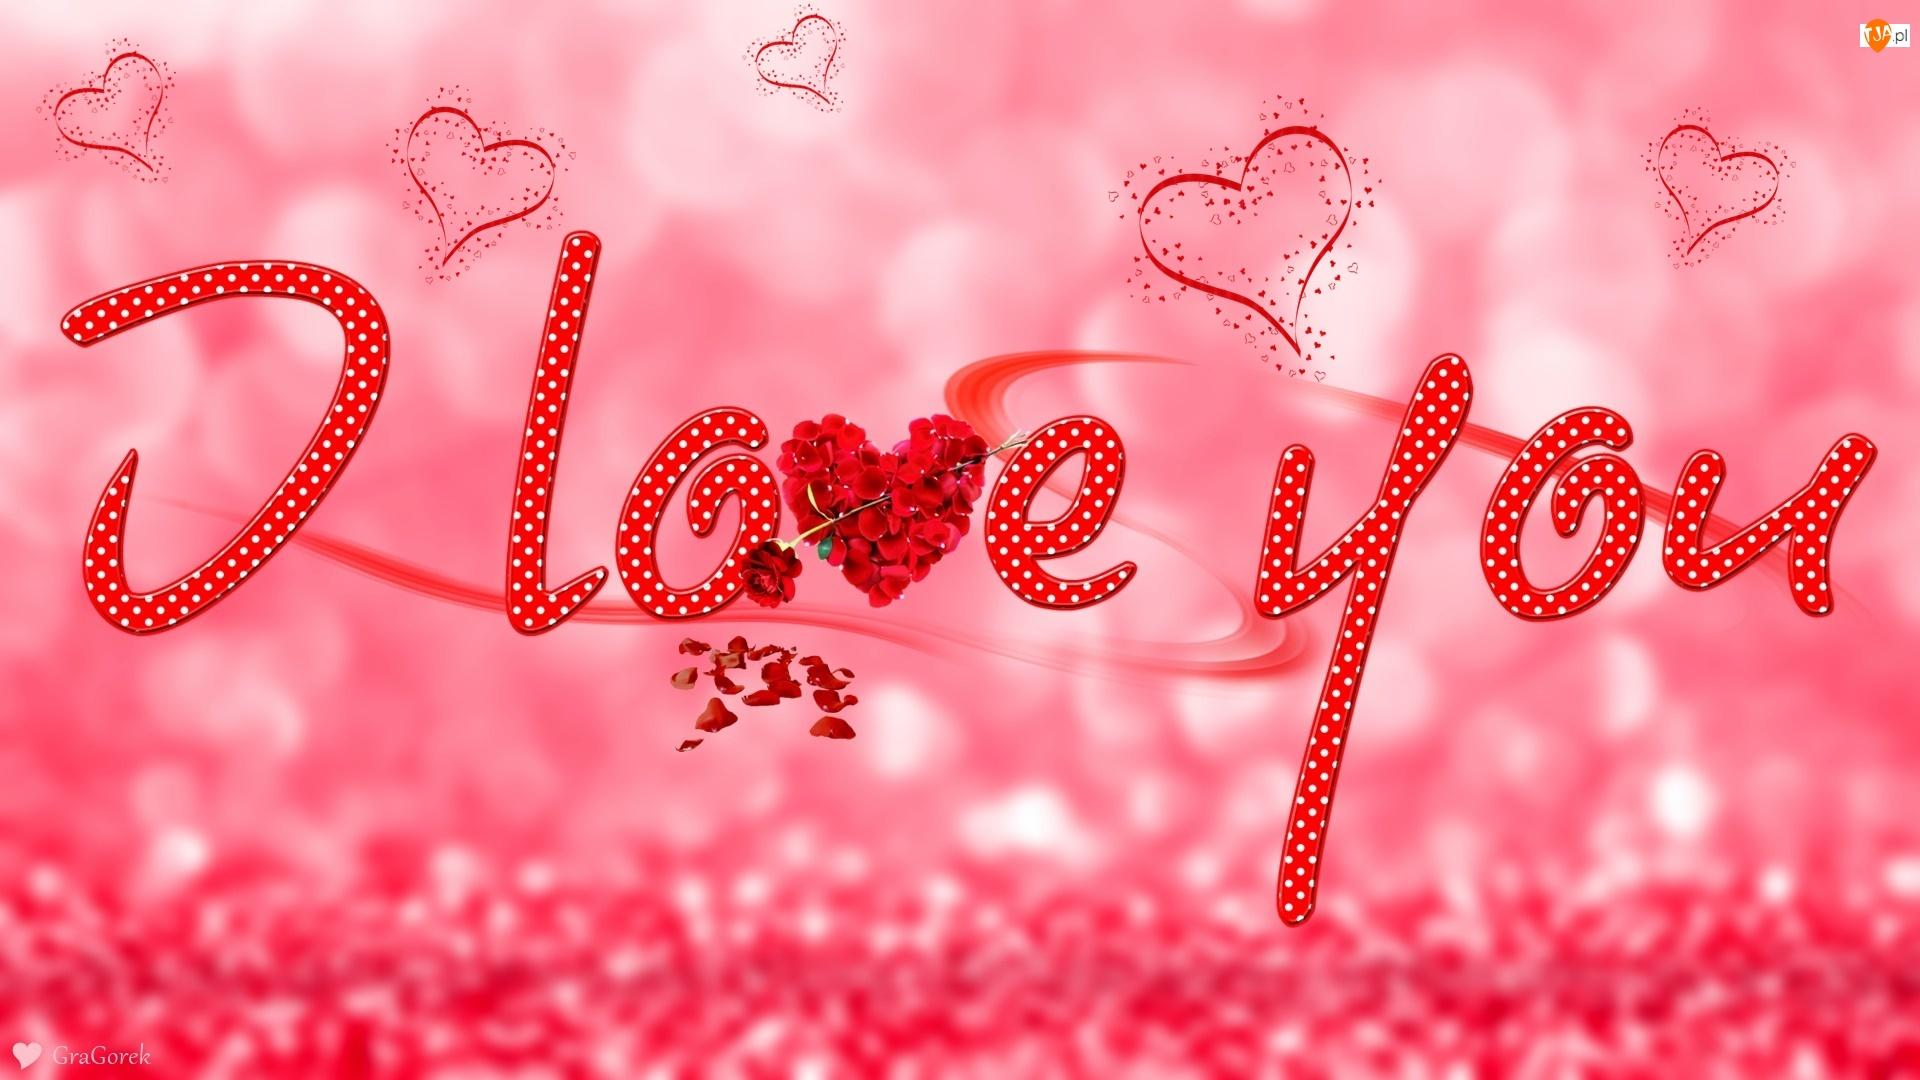 Serca, Walentynki, Napis, Grafika, Tło, Róża